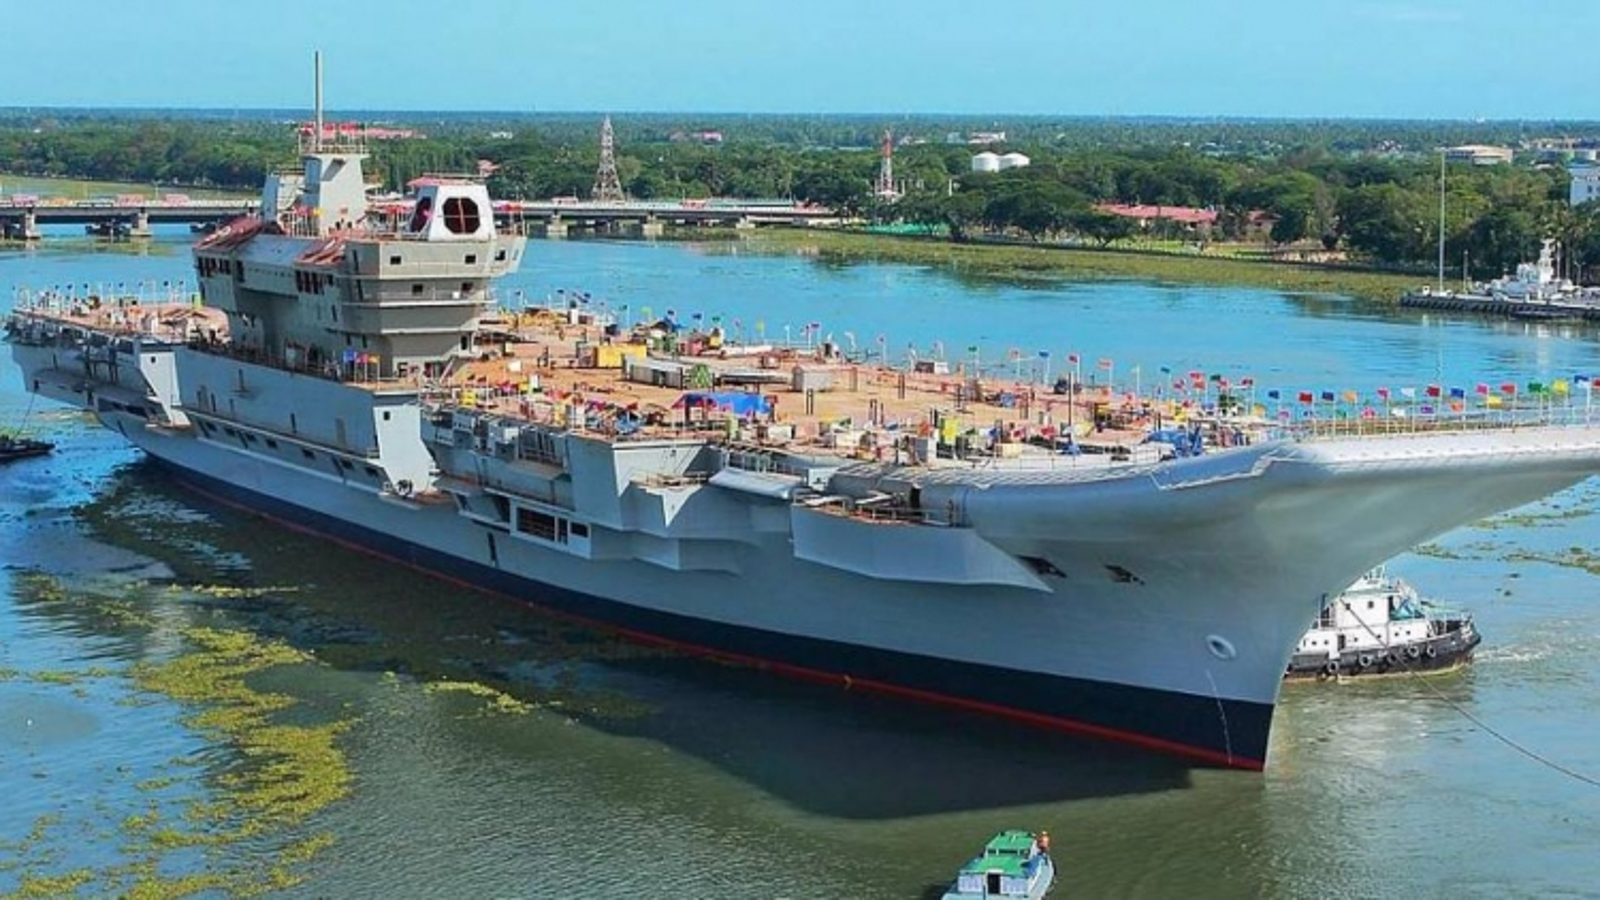 Tàu sân bay INS Vikrant – công cụ đắc lực giúp Ấn Độ cạnh tranh ảnh hưởng với Trung Quốc